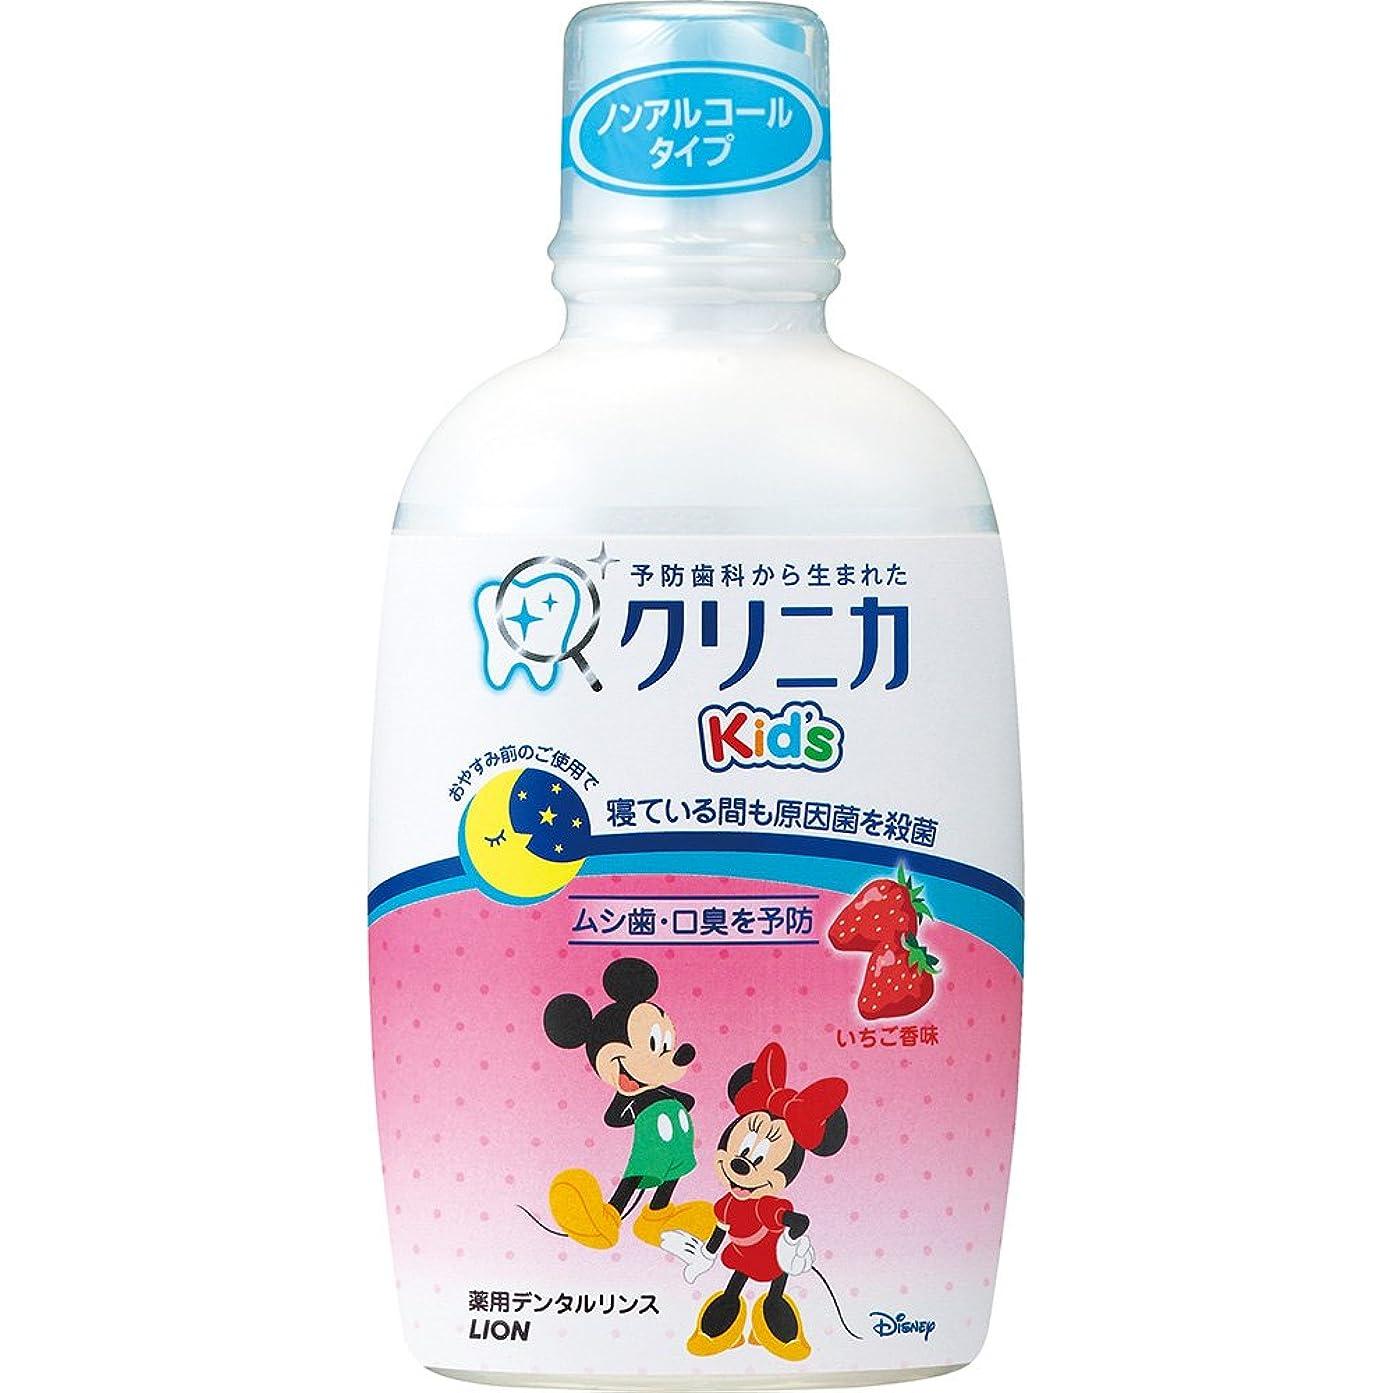 光の腐敗耕すクリニカKid'sデンタルリンス いちご 250mL (医薬部外品)